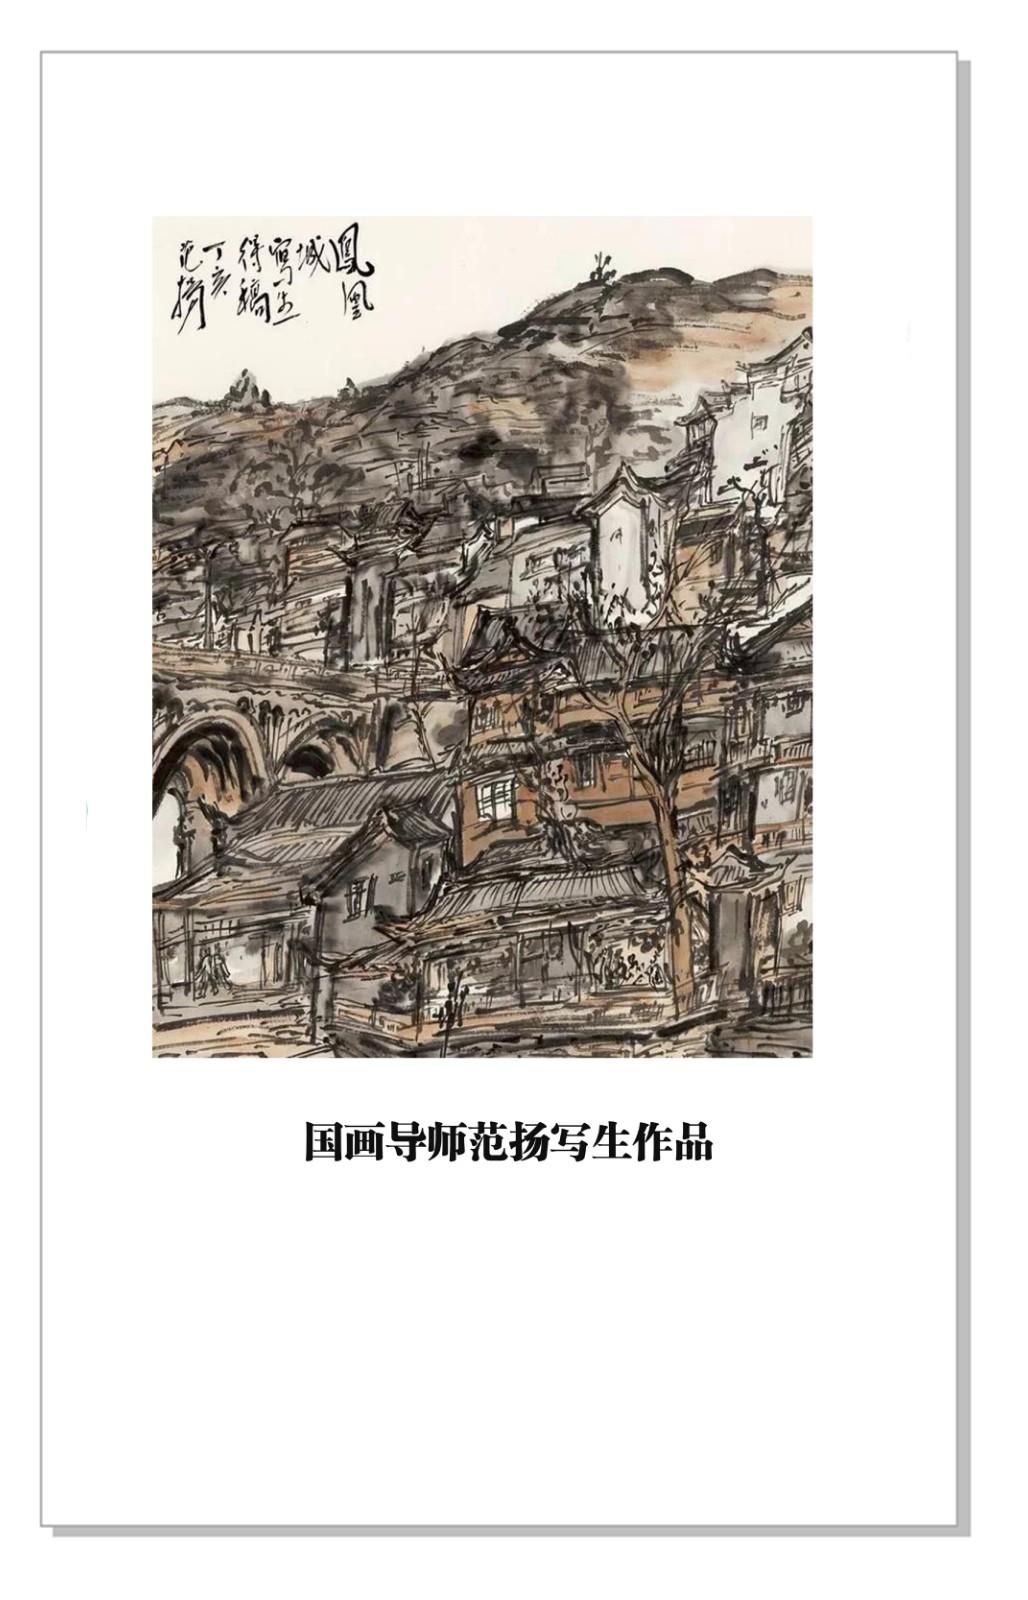 万里江山颂--漠墨园艺术系列活动(第一集)_图1-2